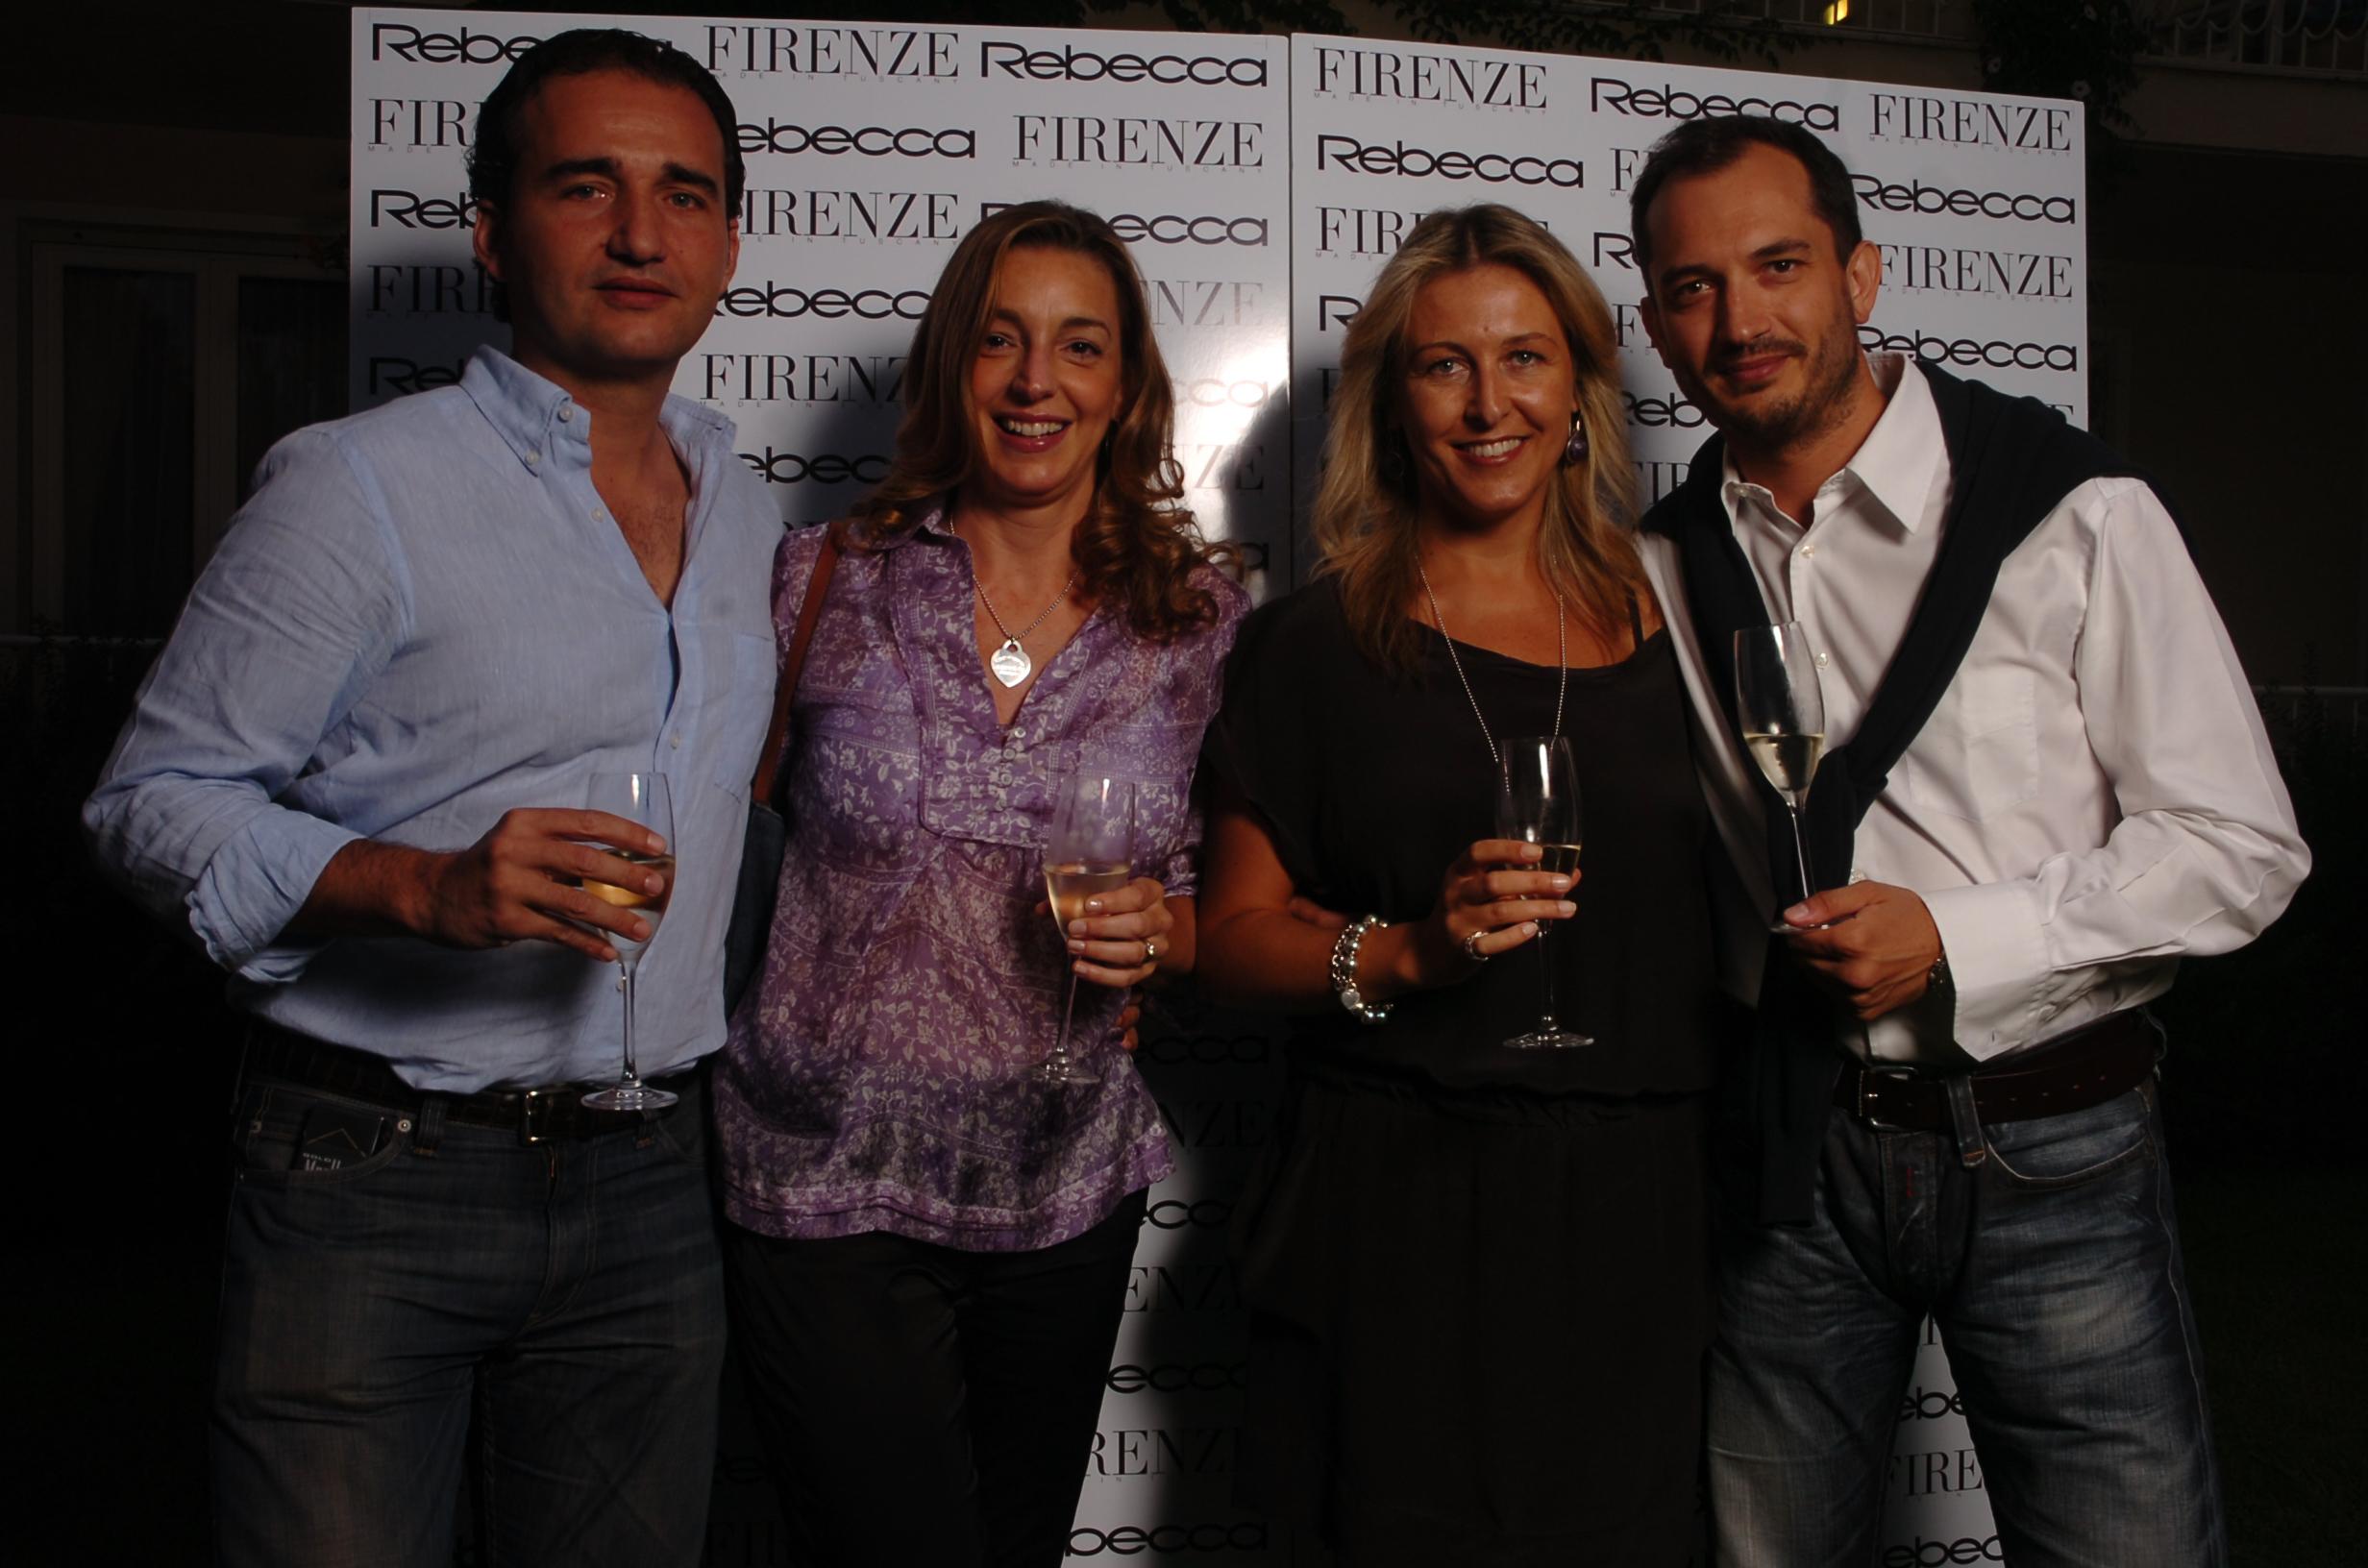 Simone e Marina Speciale, Valentina Alisi, Tommaso Baldassini